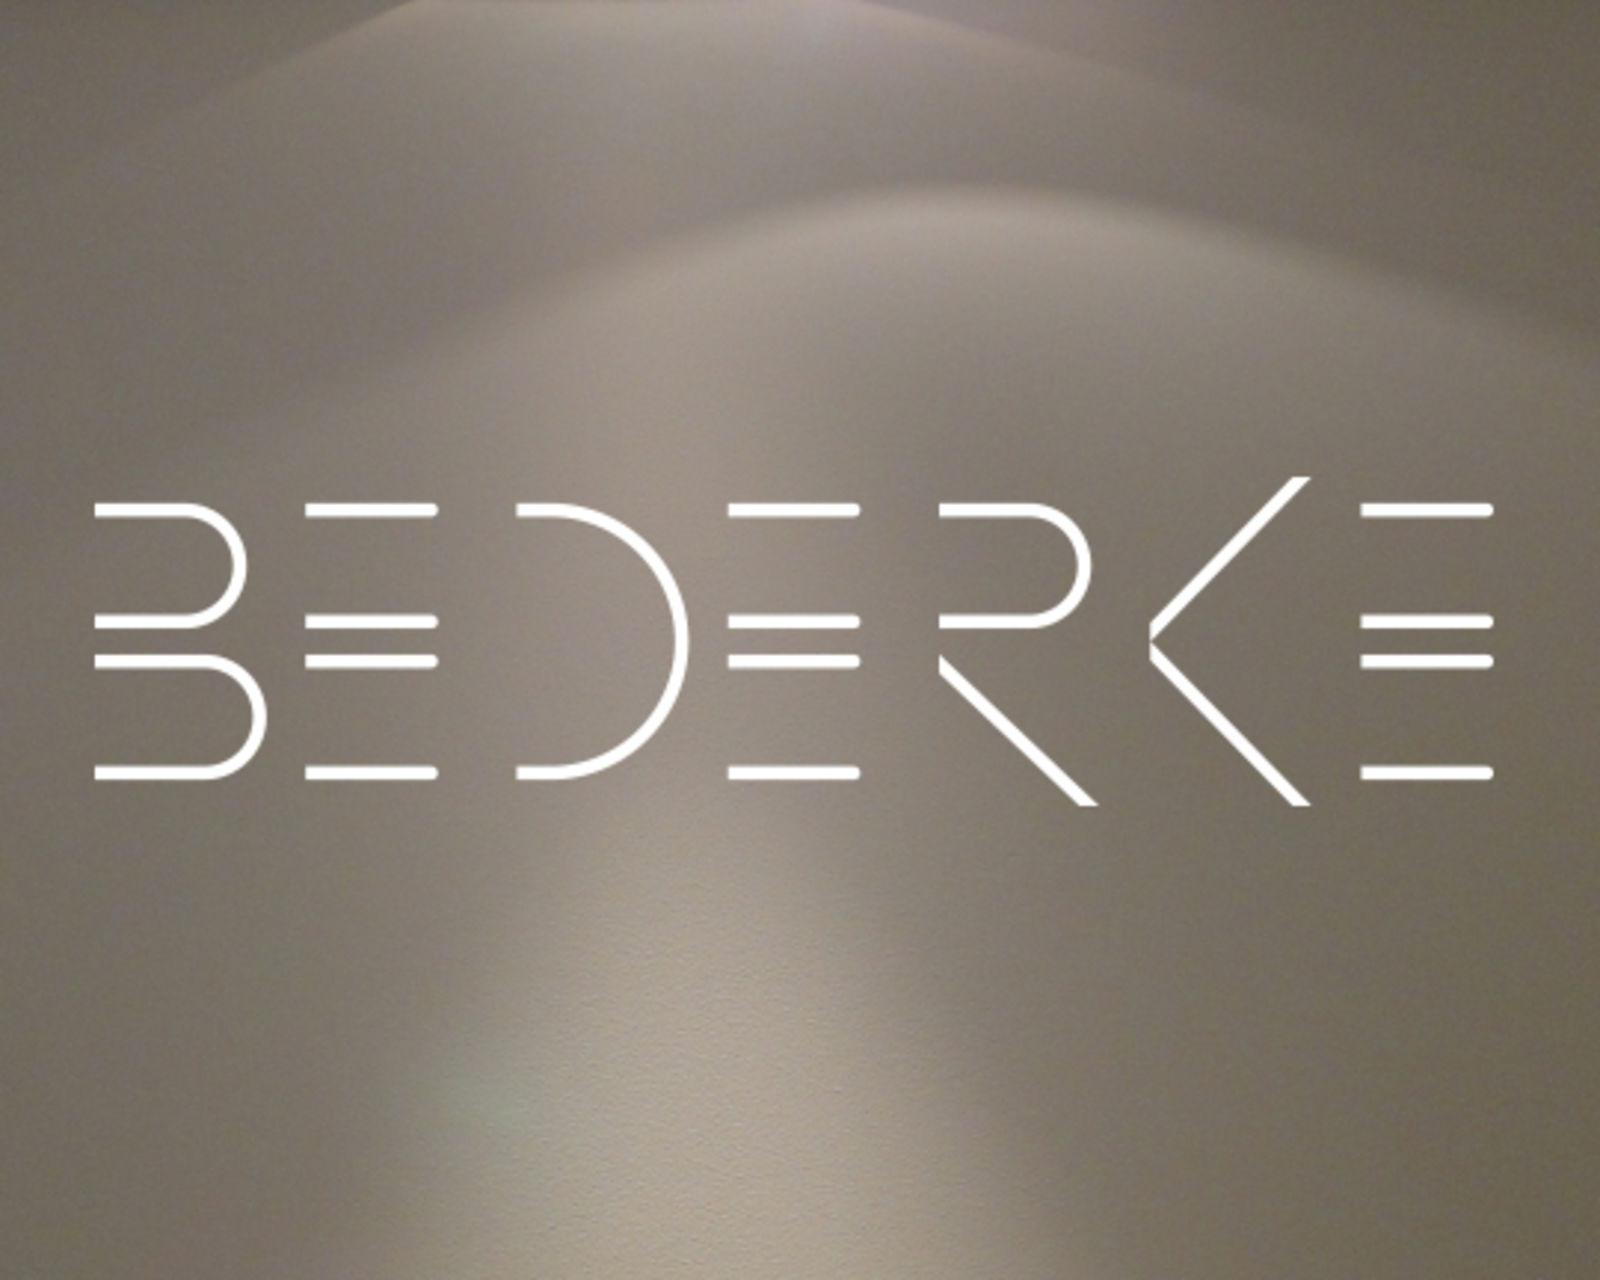 BEDERKE - finest fabrics in München